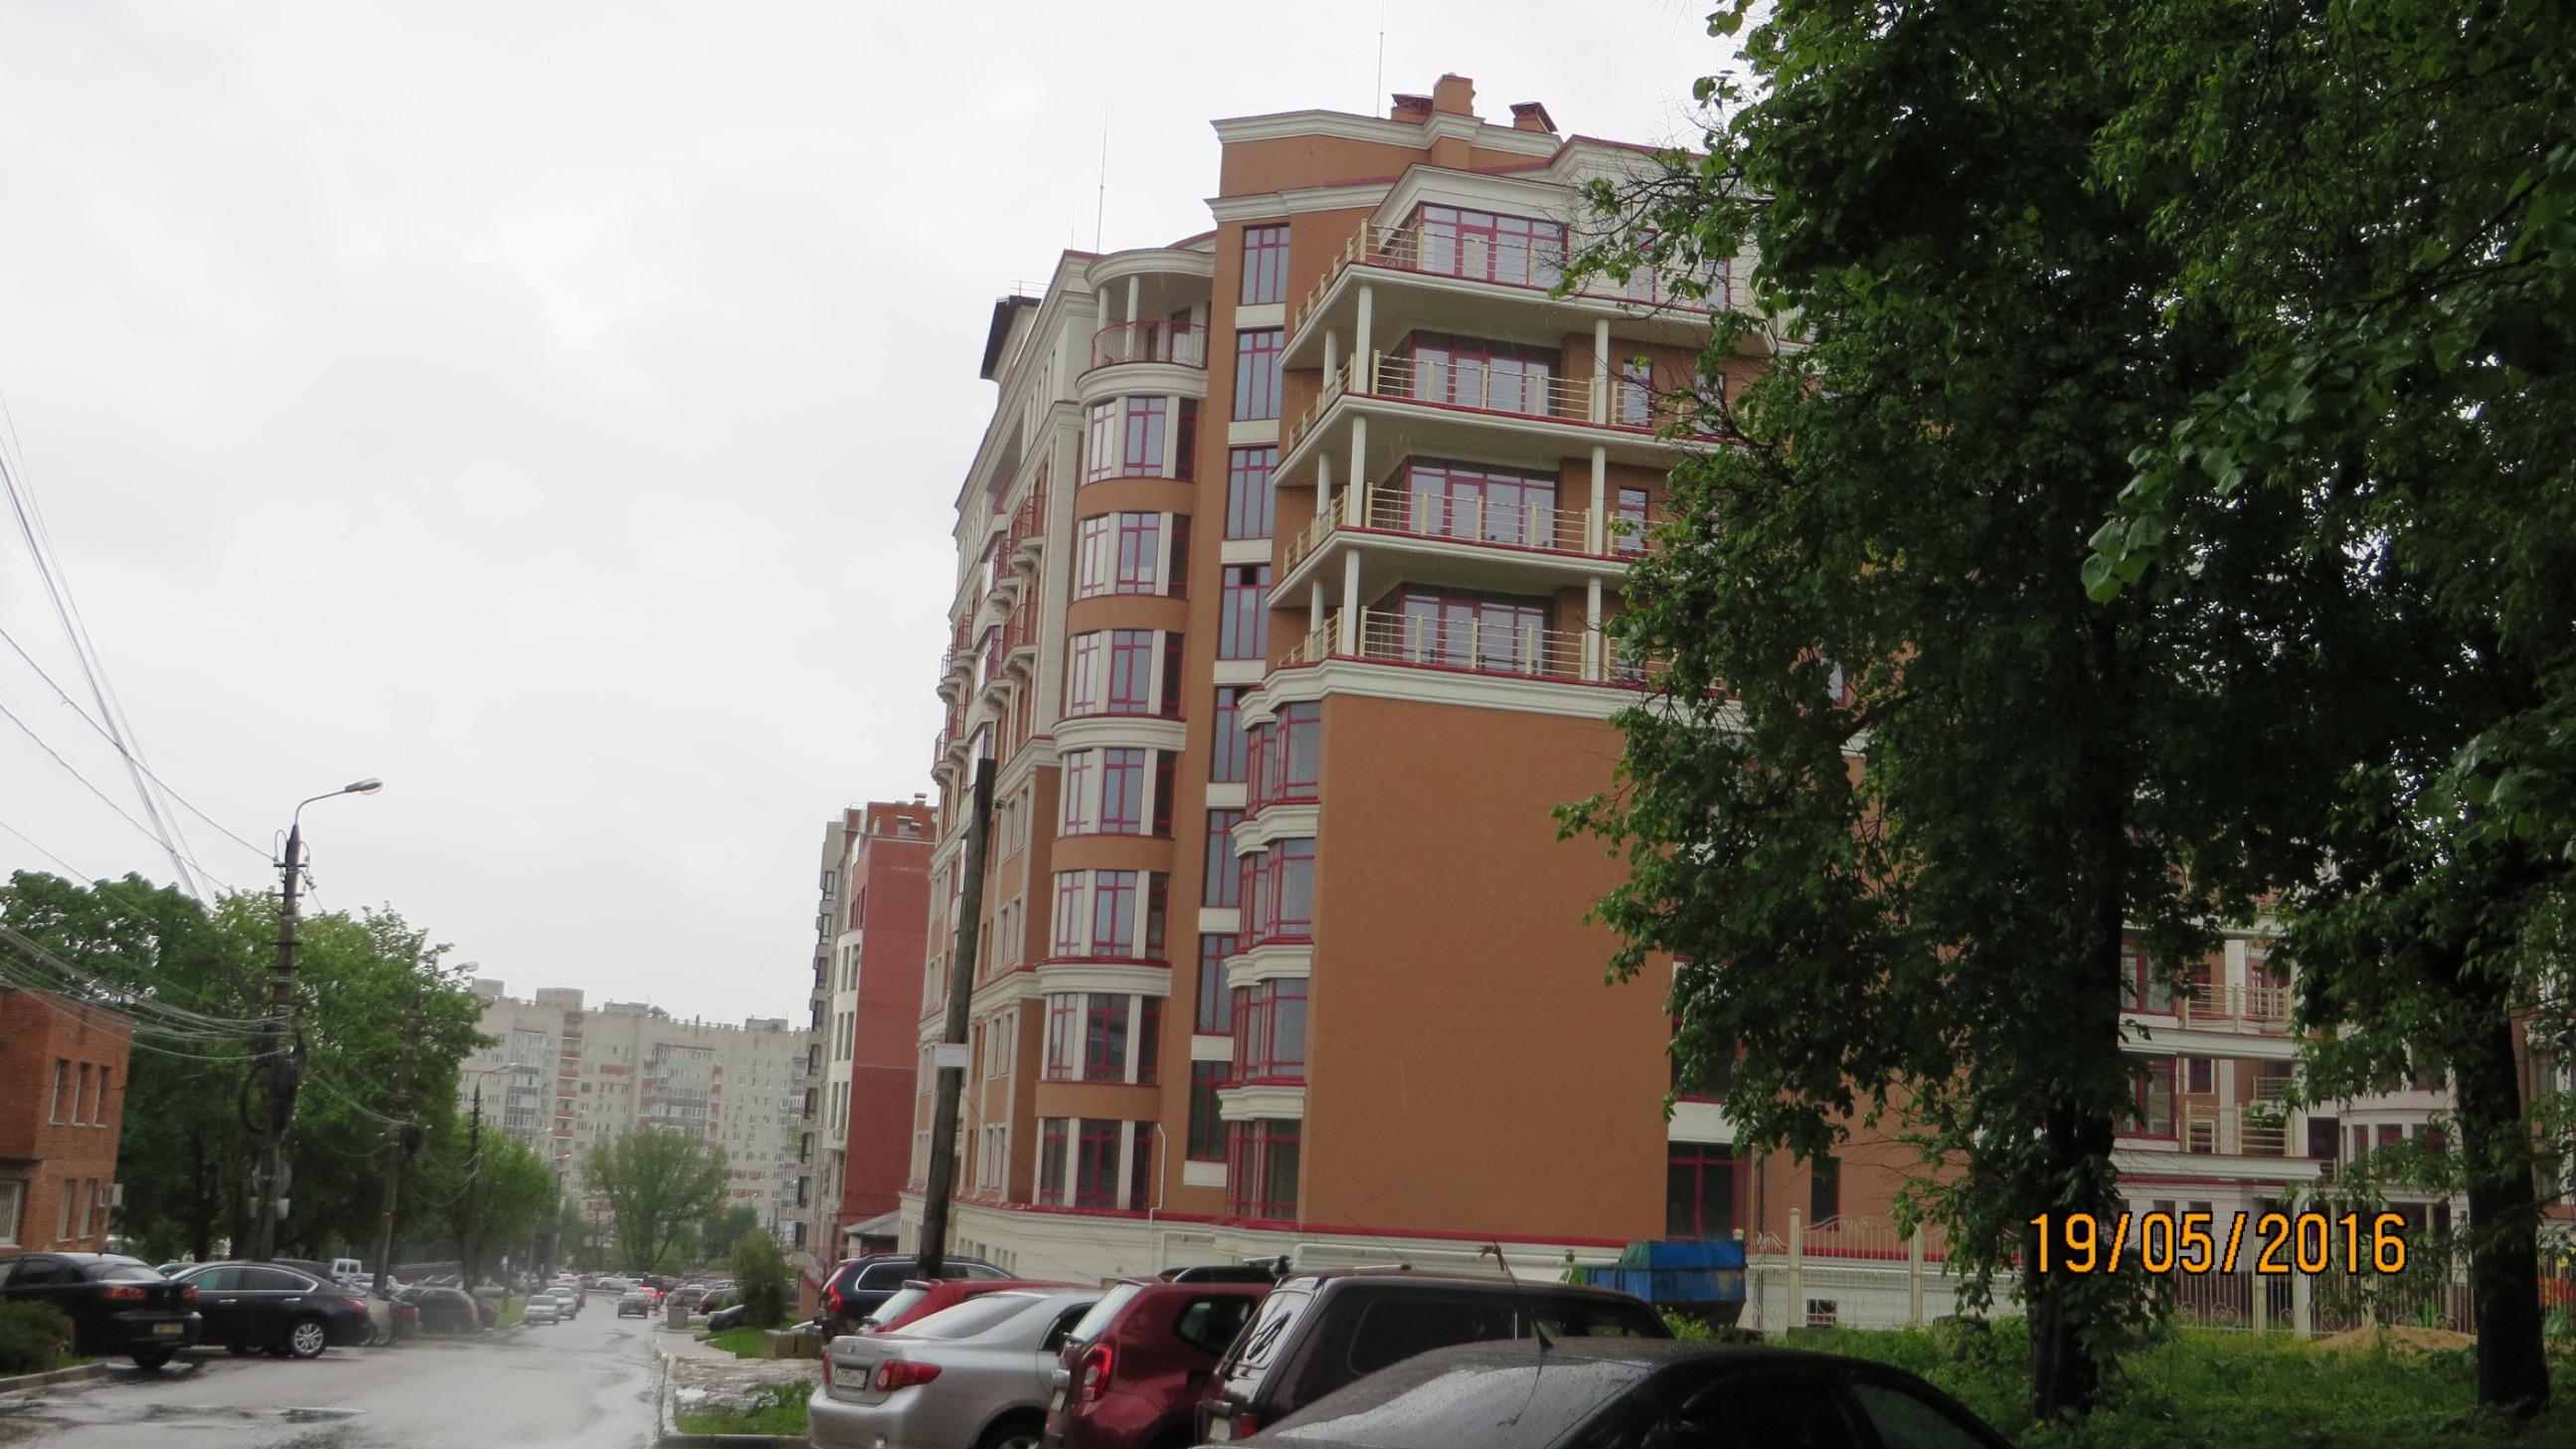 Фото домов по улице Софьи Перовской г. Тулы. ЖК АристократЪ. ООО АристократЪ